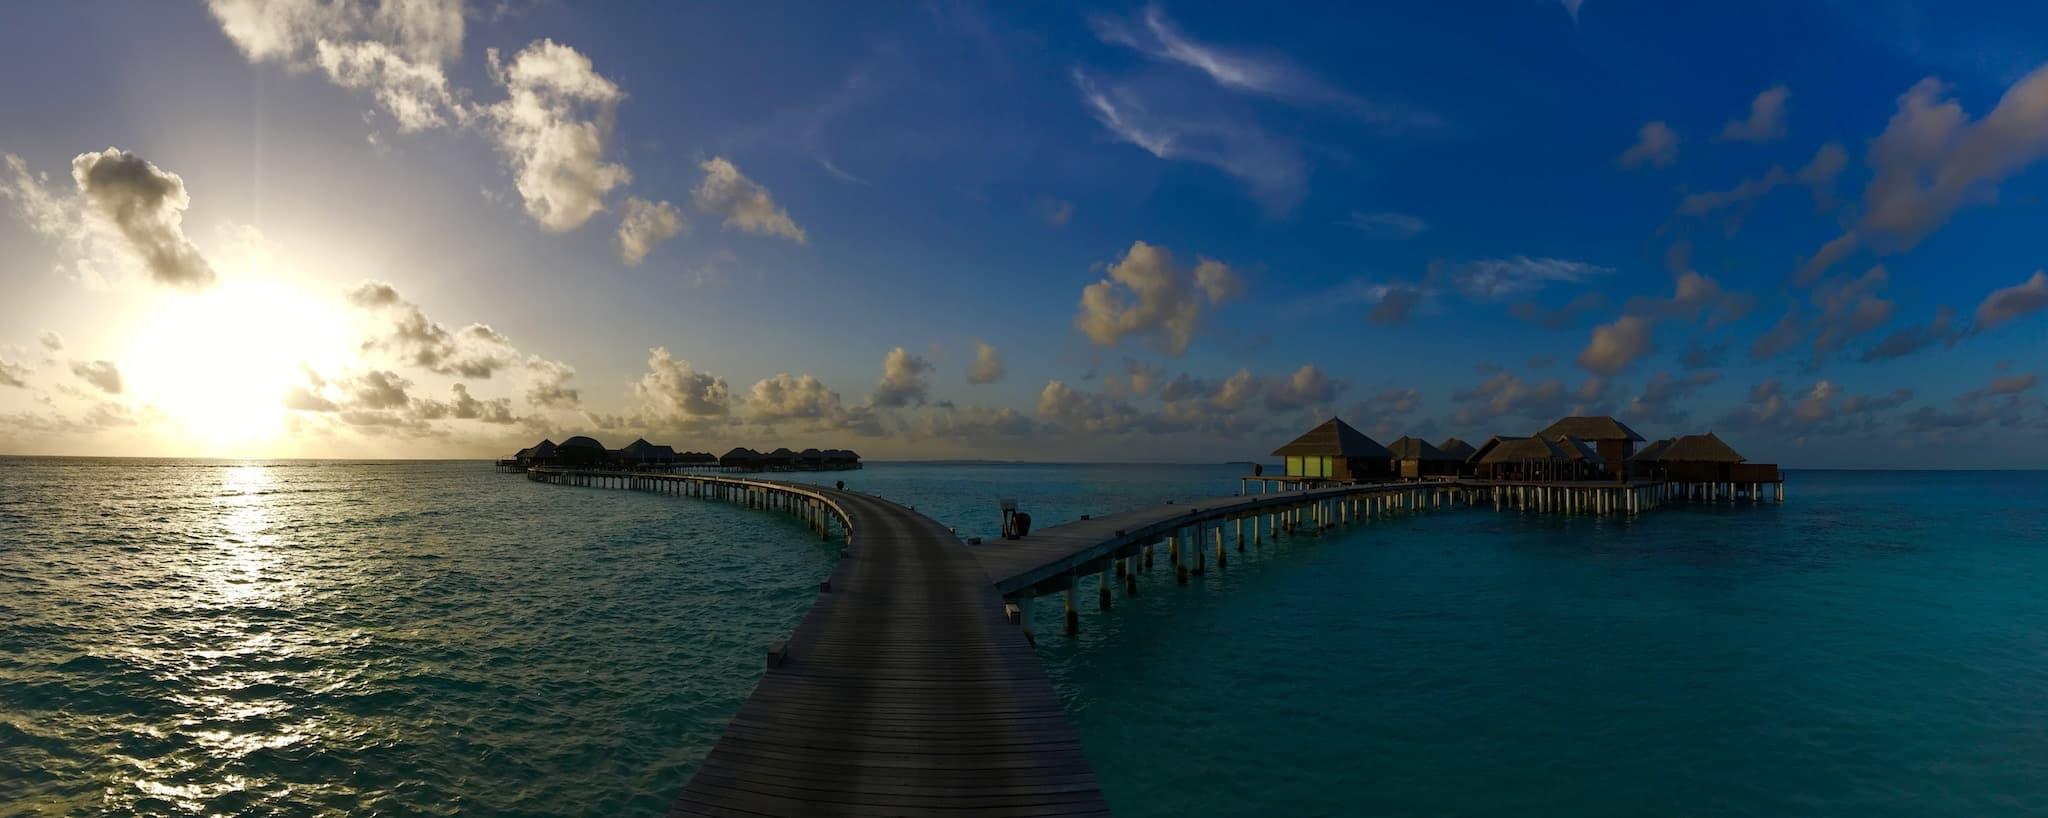 Wunderschöne Trauminsel Coco Bodu Hithi: die Malediven sind ein Sehnsuchtsziel vieler Urlauber weltweit. Foto: Sascha Tegtmeyer